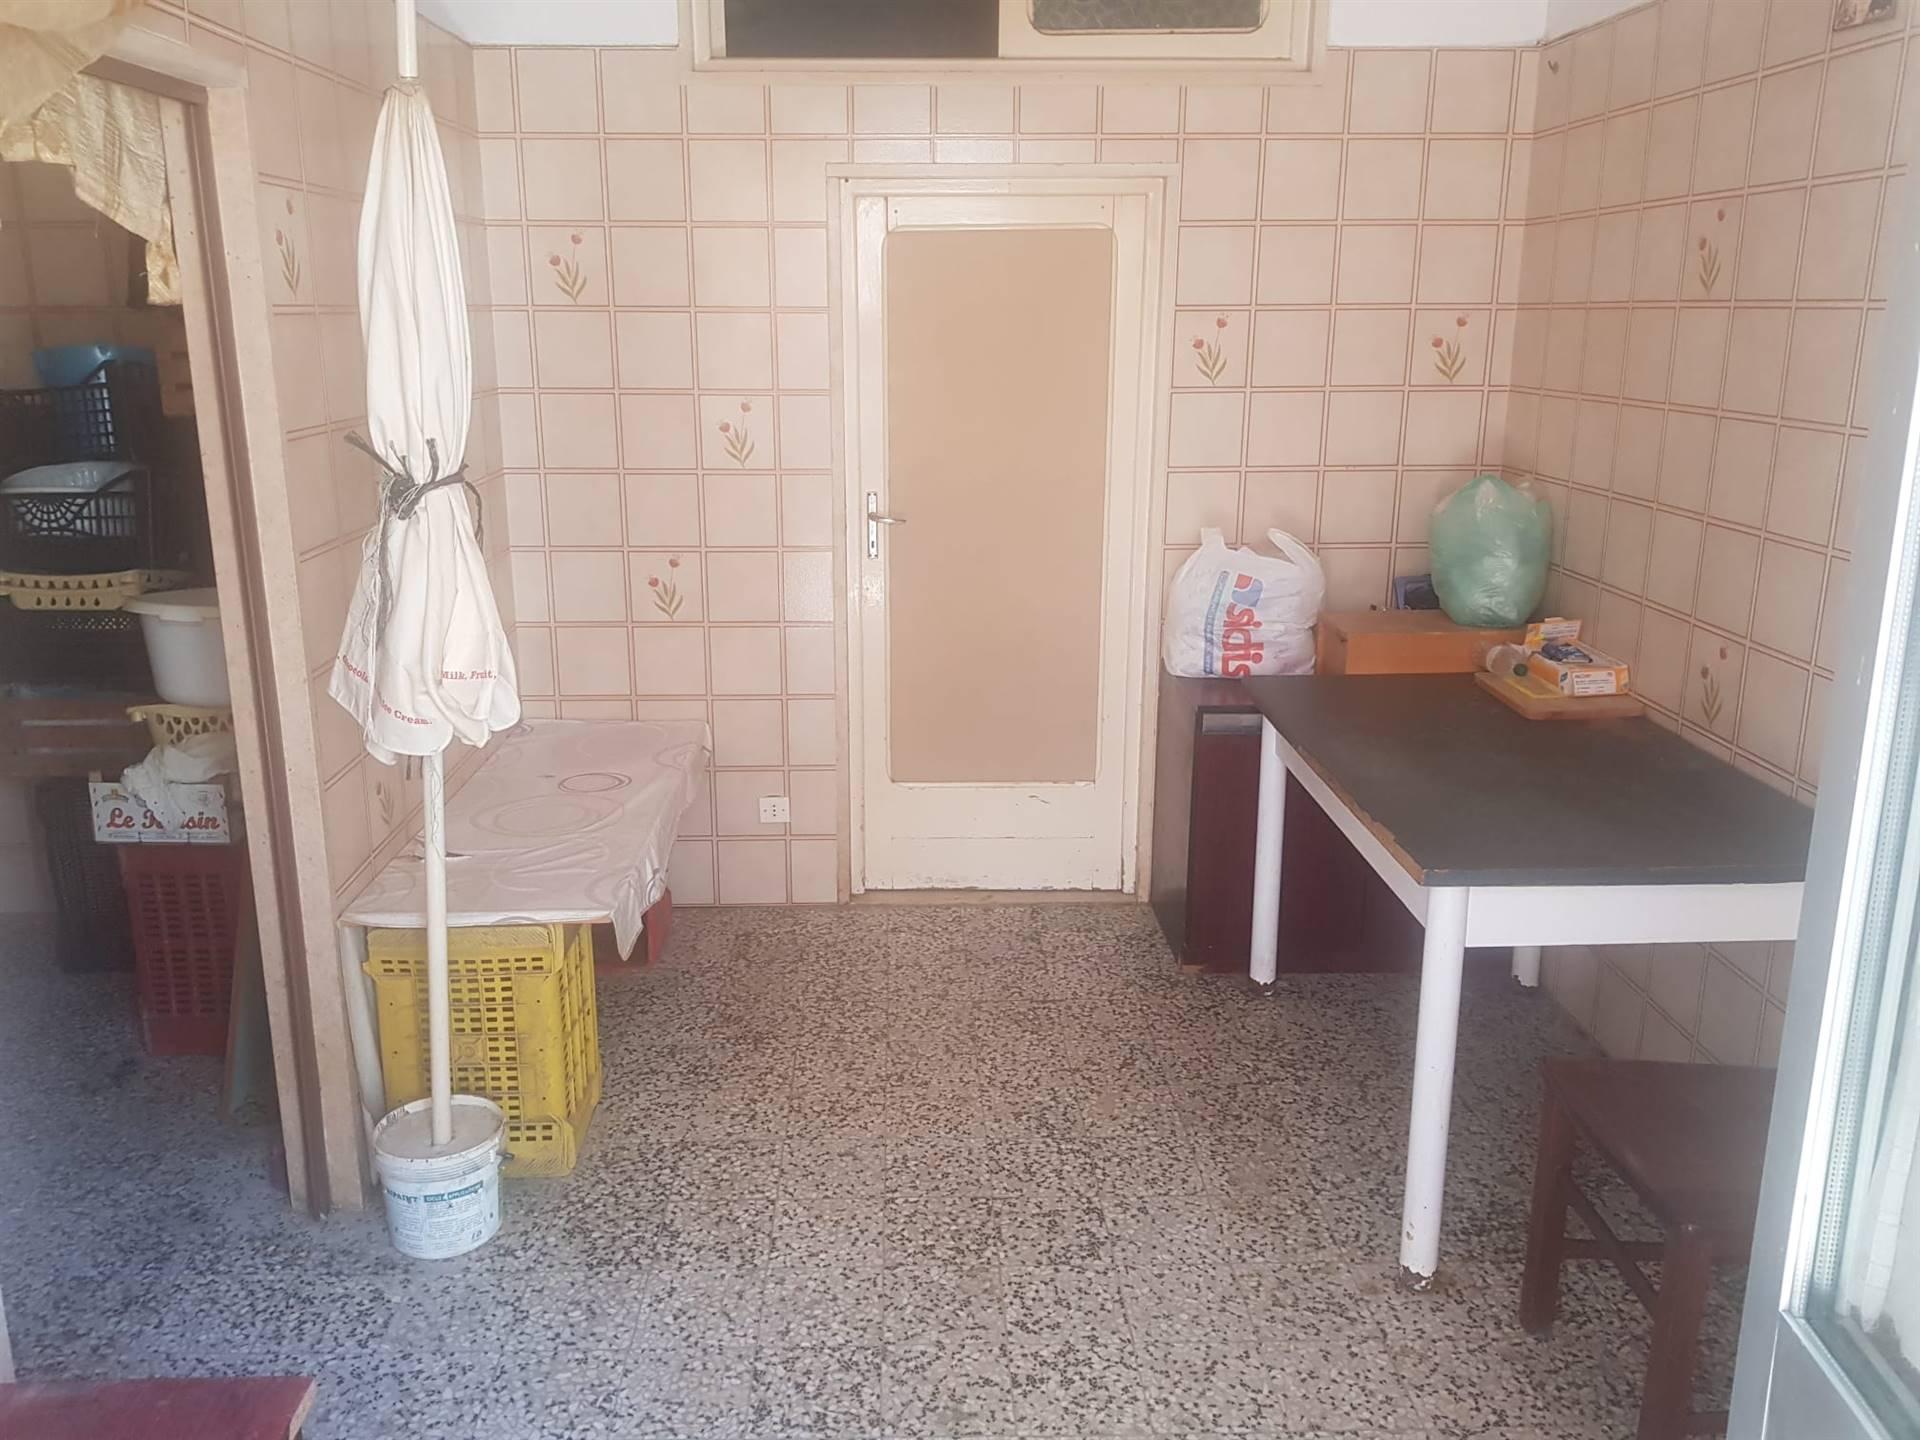 Appartamento in vendita a Barletta, 3 locali, zona Località: BARBERINI, prezzo € 55.000 | CambioCasa.it